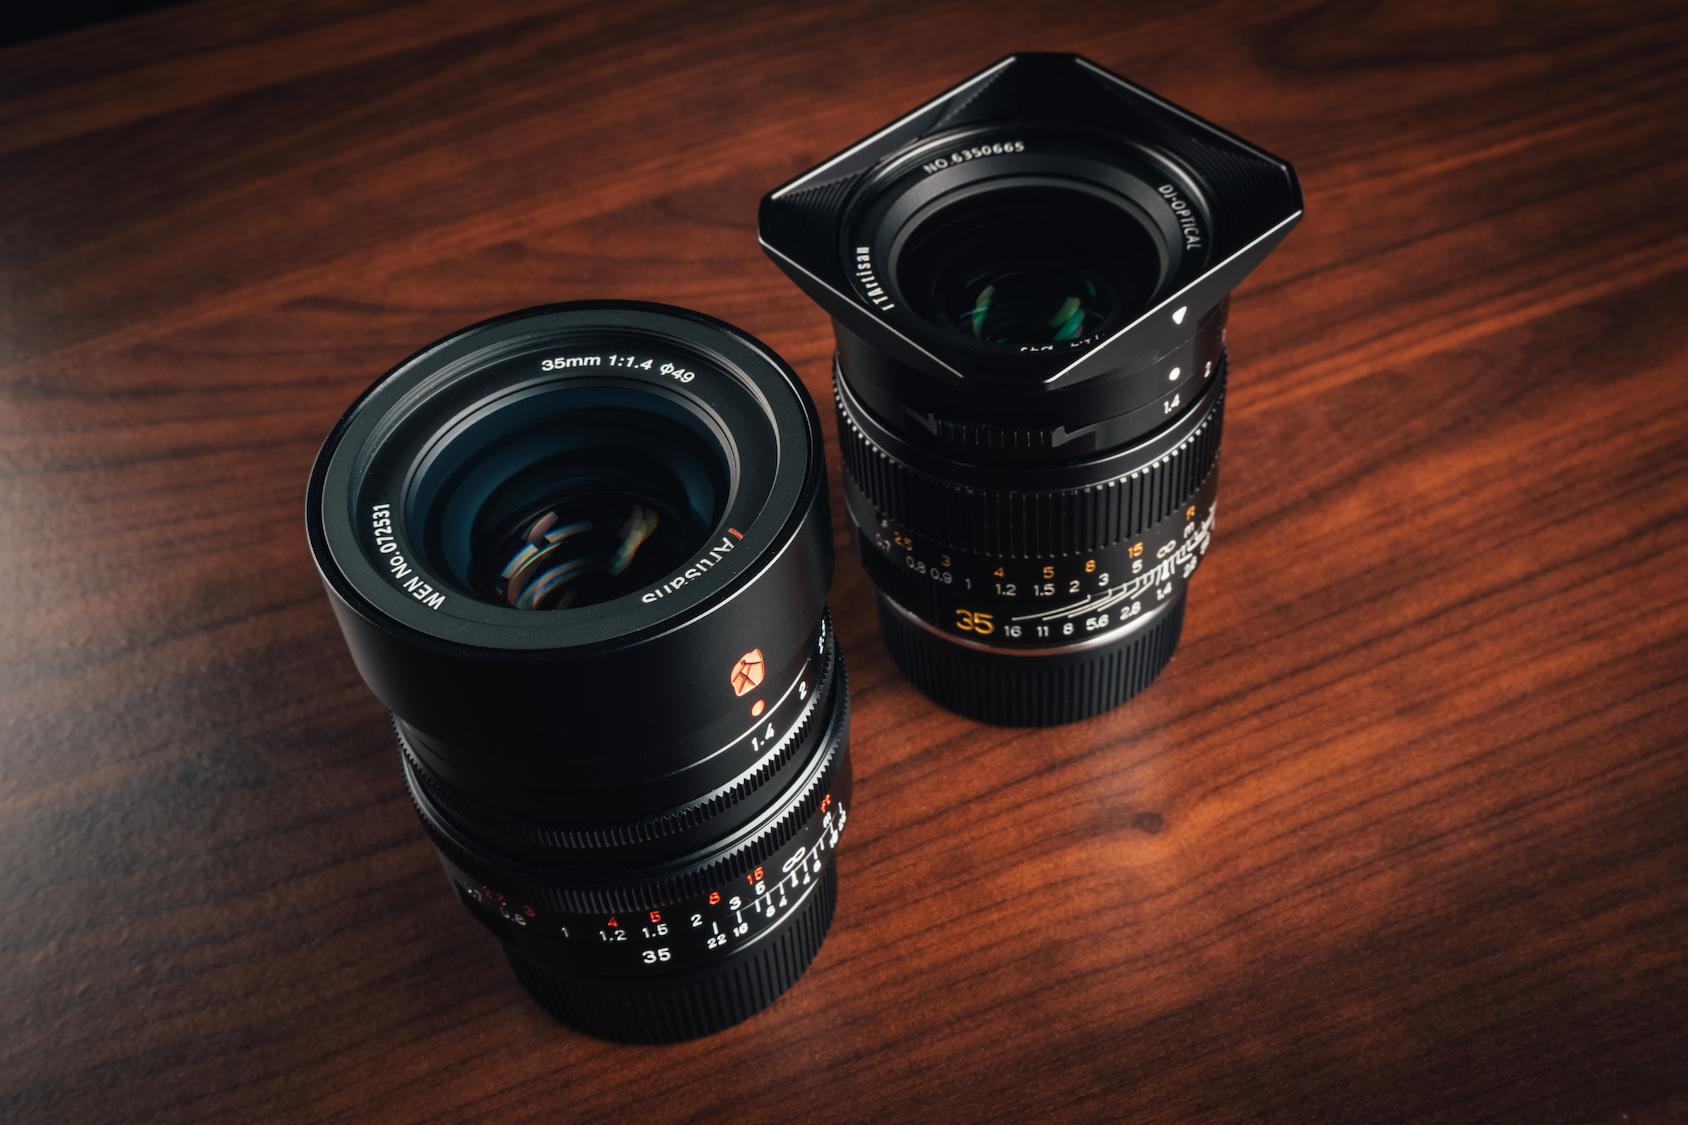 7Artisans & TTArtisan 35 mm f 1.4 for Leica M Review - Christian Doffing